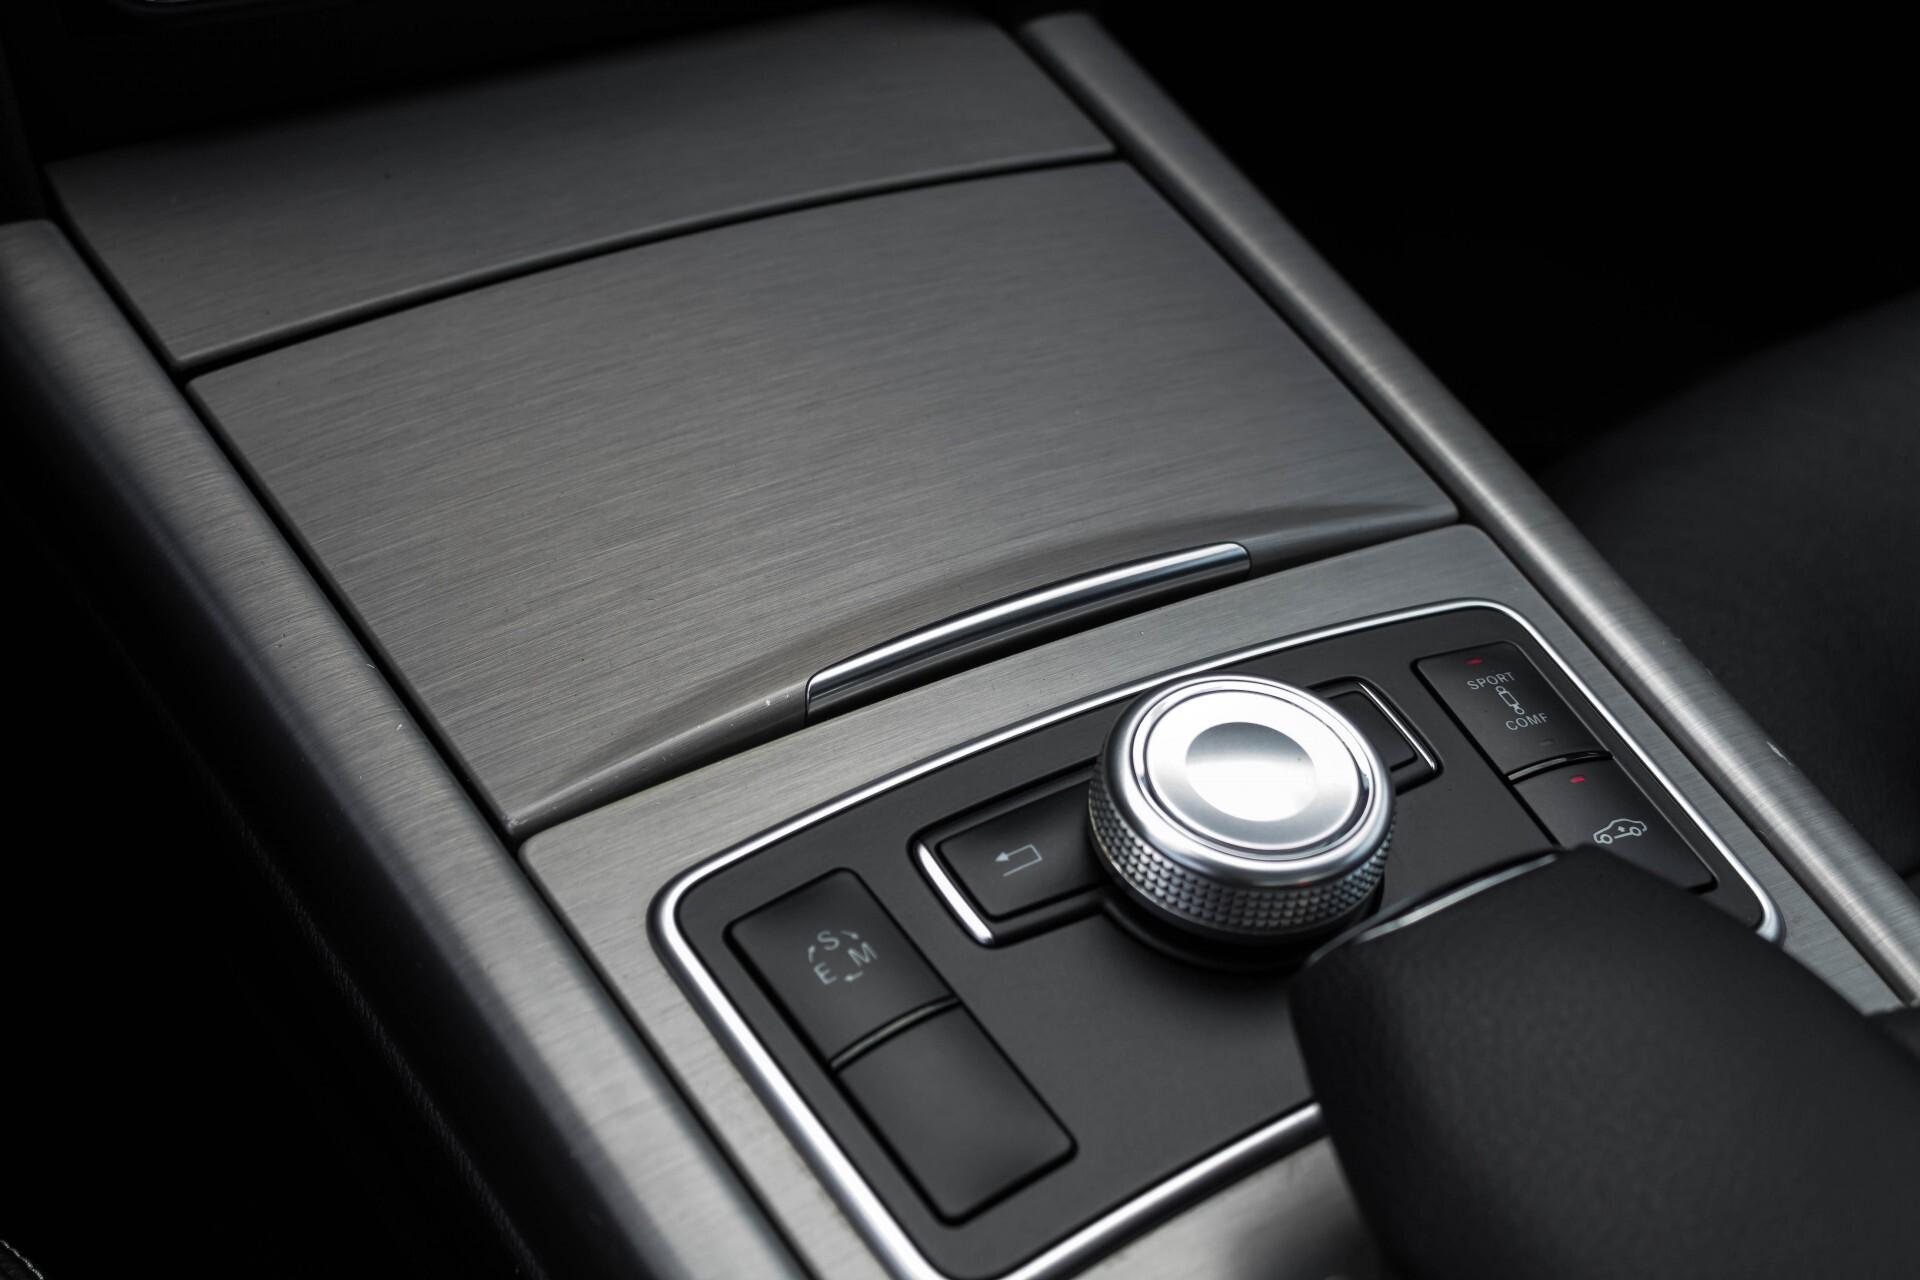 Mercedes-Benz E-Klasse Estate 350 Cdi AMG Luchtvering/Schuifdak/Comand/Harman Kardon/ILS Aut7 Foto 36